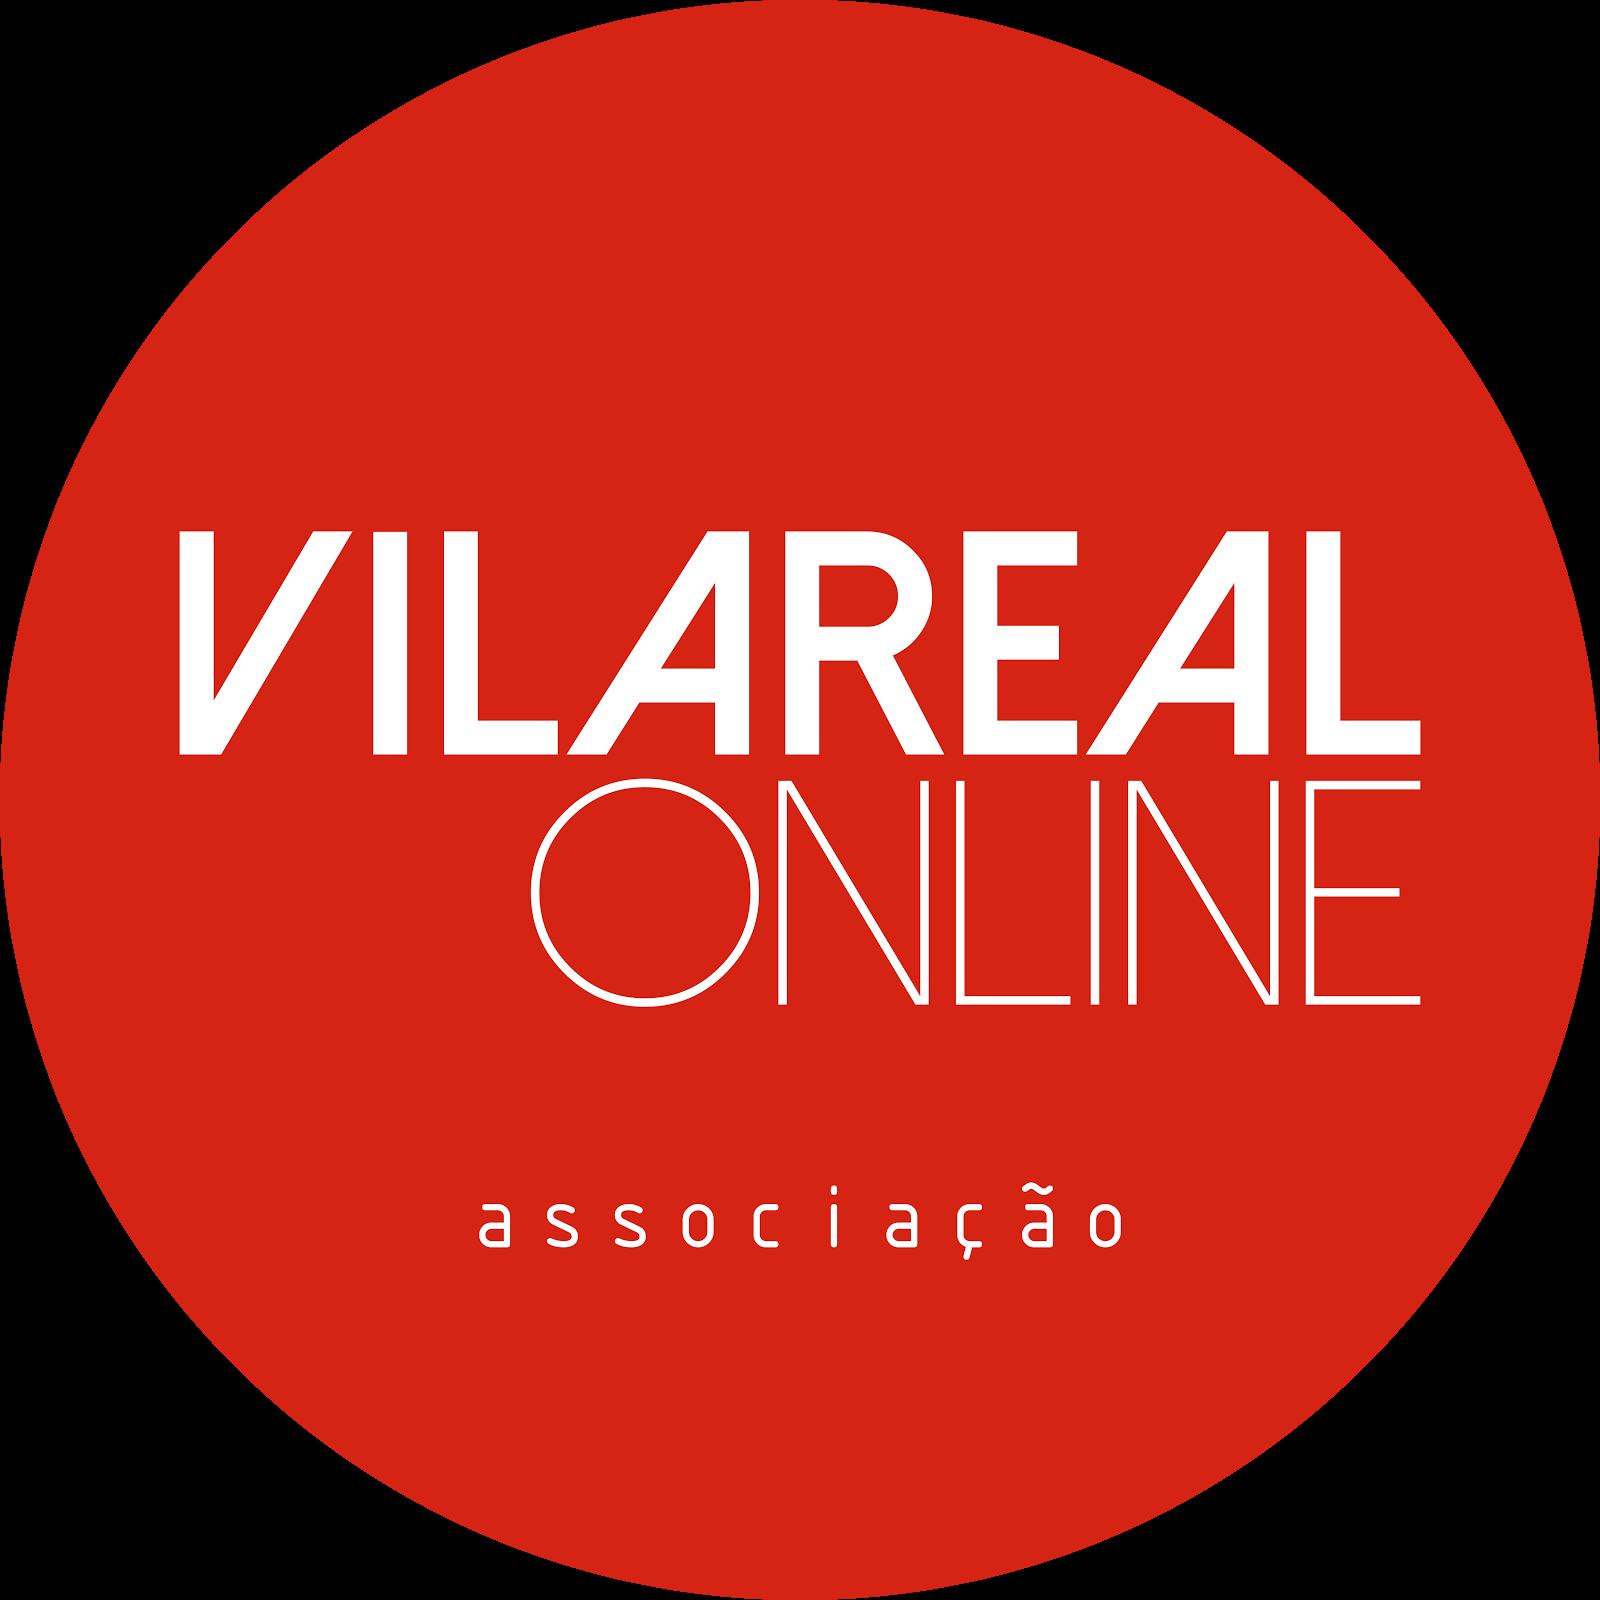 Vila Real Online - Associação